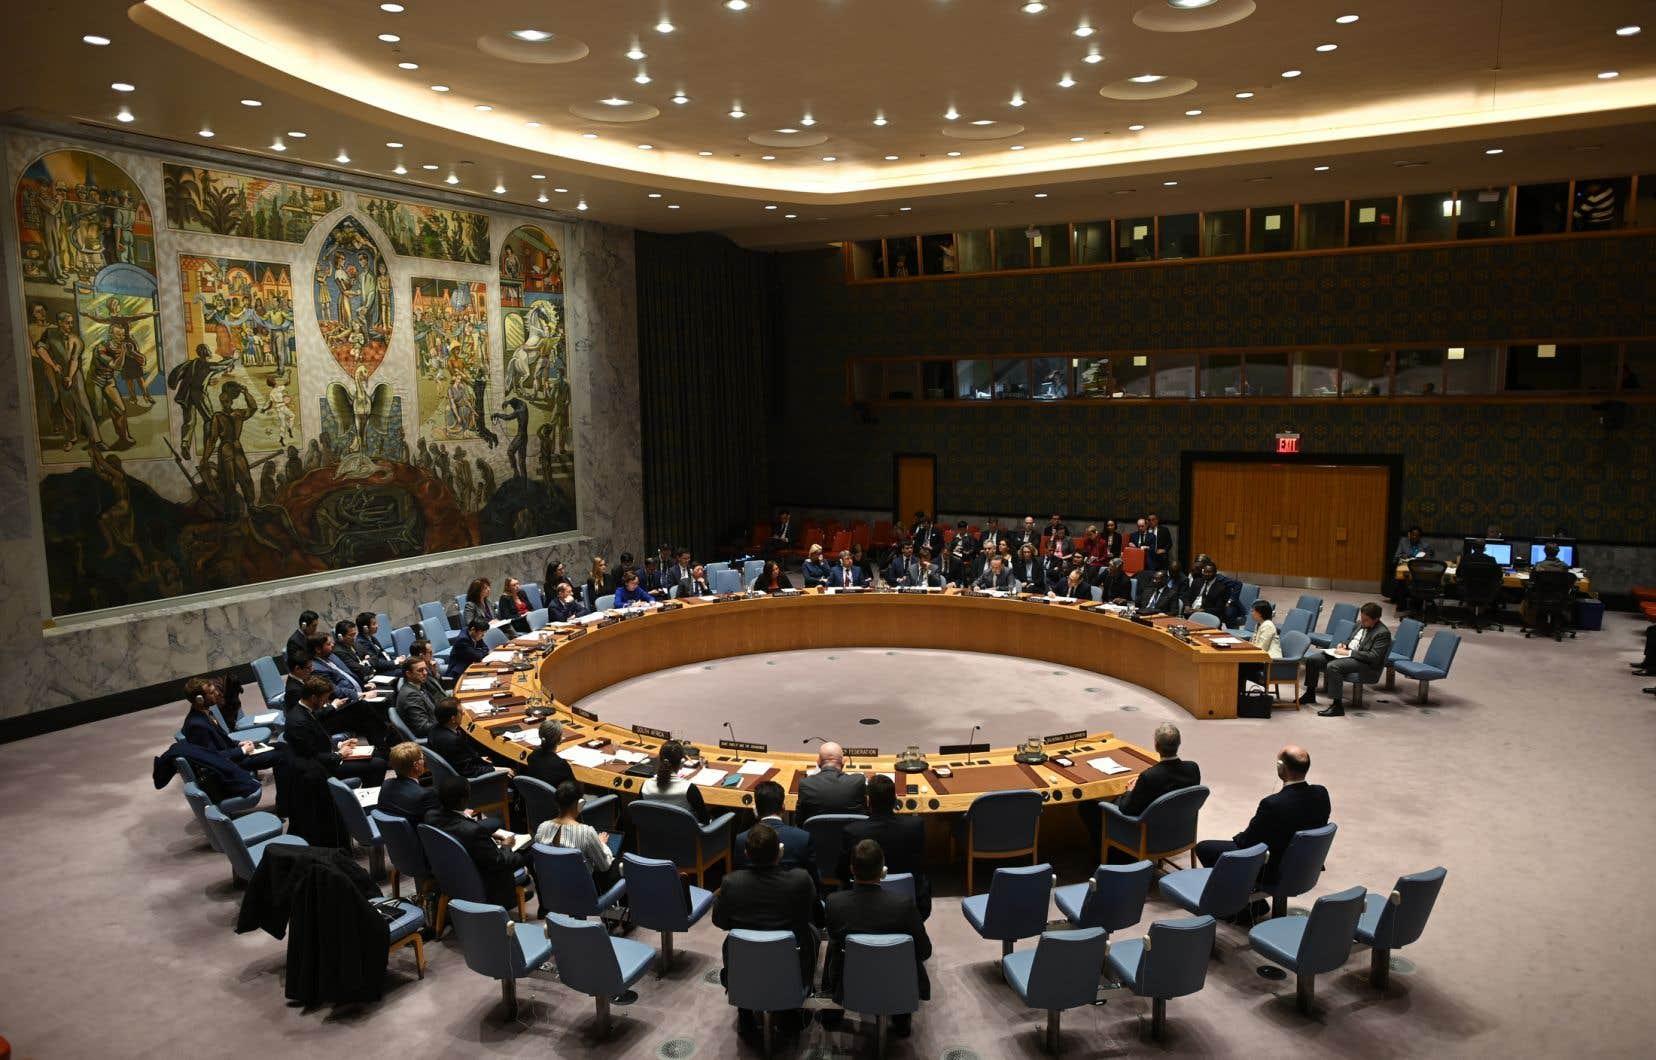 Le 17juin prochain, le Canada sera en lice avec l'Irlande et la Norvège pour deux sièges disponibles au Conseil de sécurité.